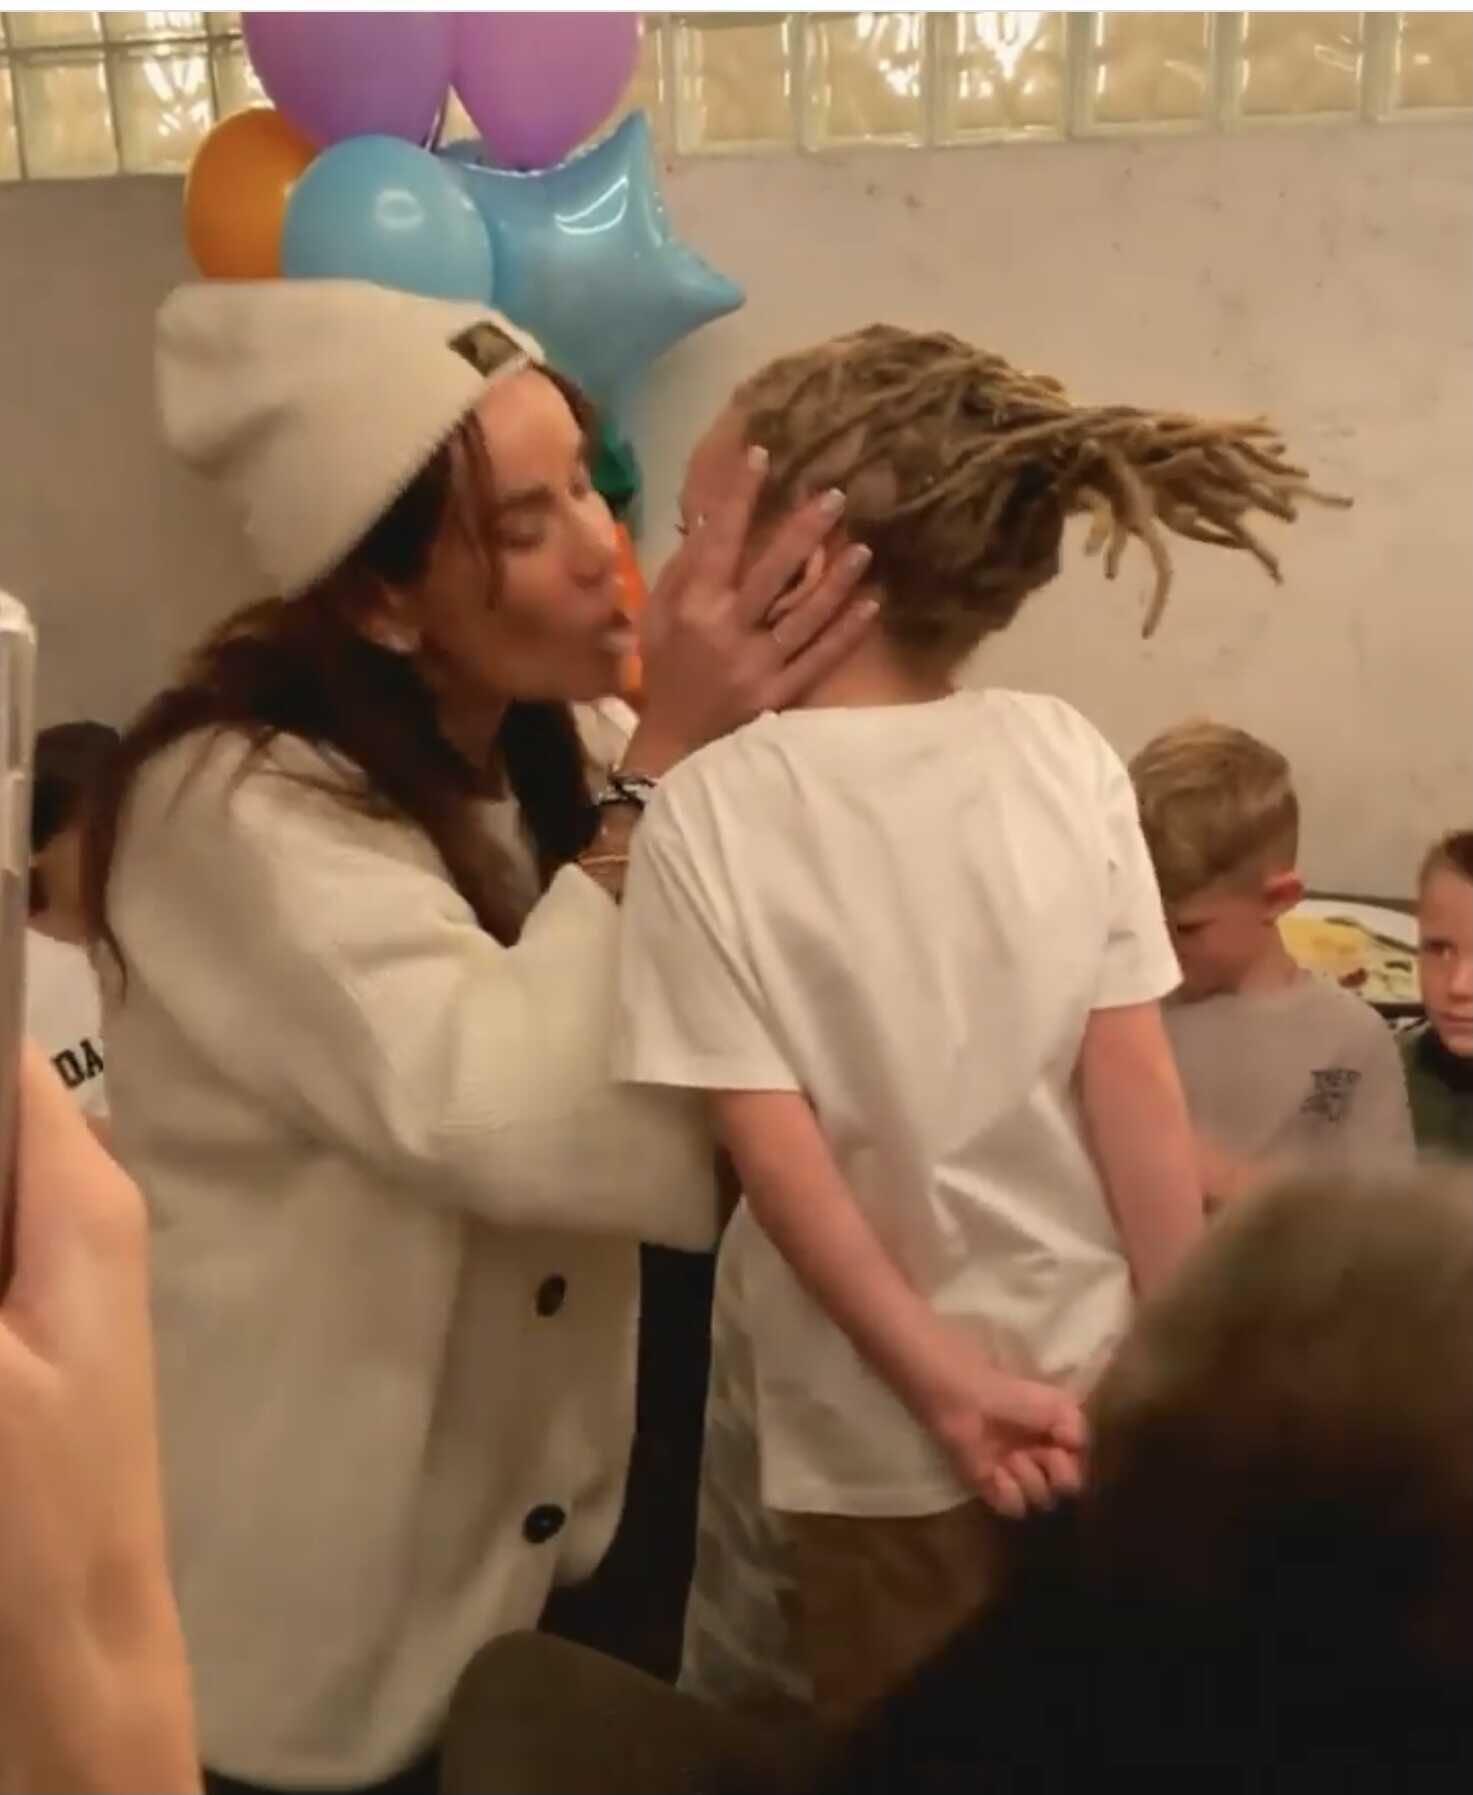 «Она его с языком засосала?»: в сети обсуждают видео странного поцелуя Айзы Долматовой с сыном